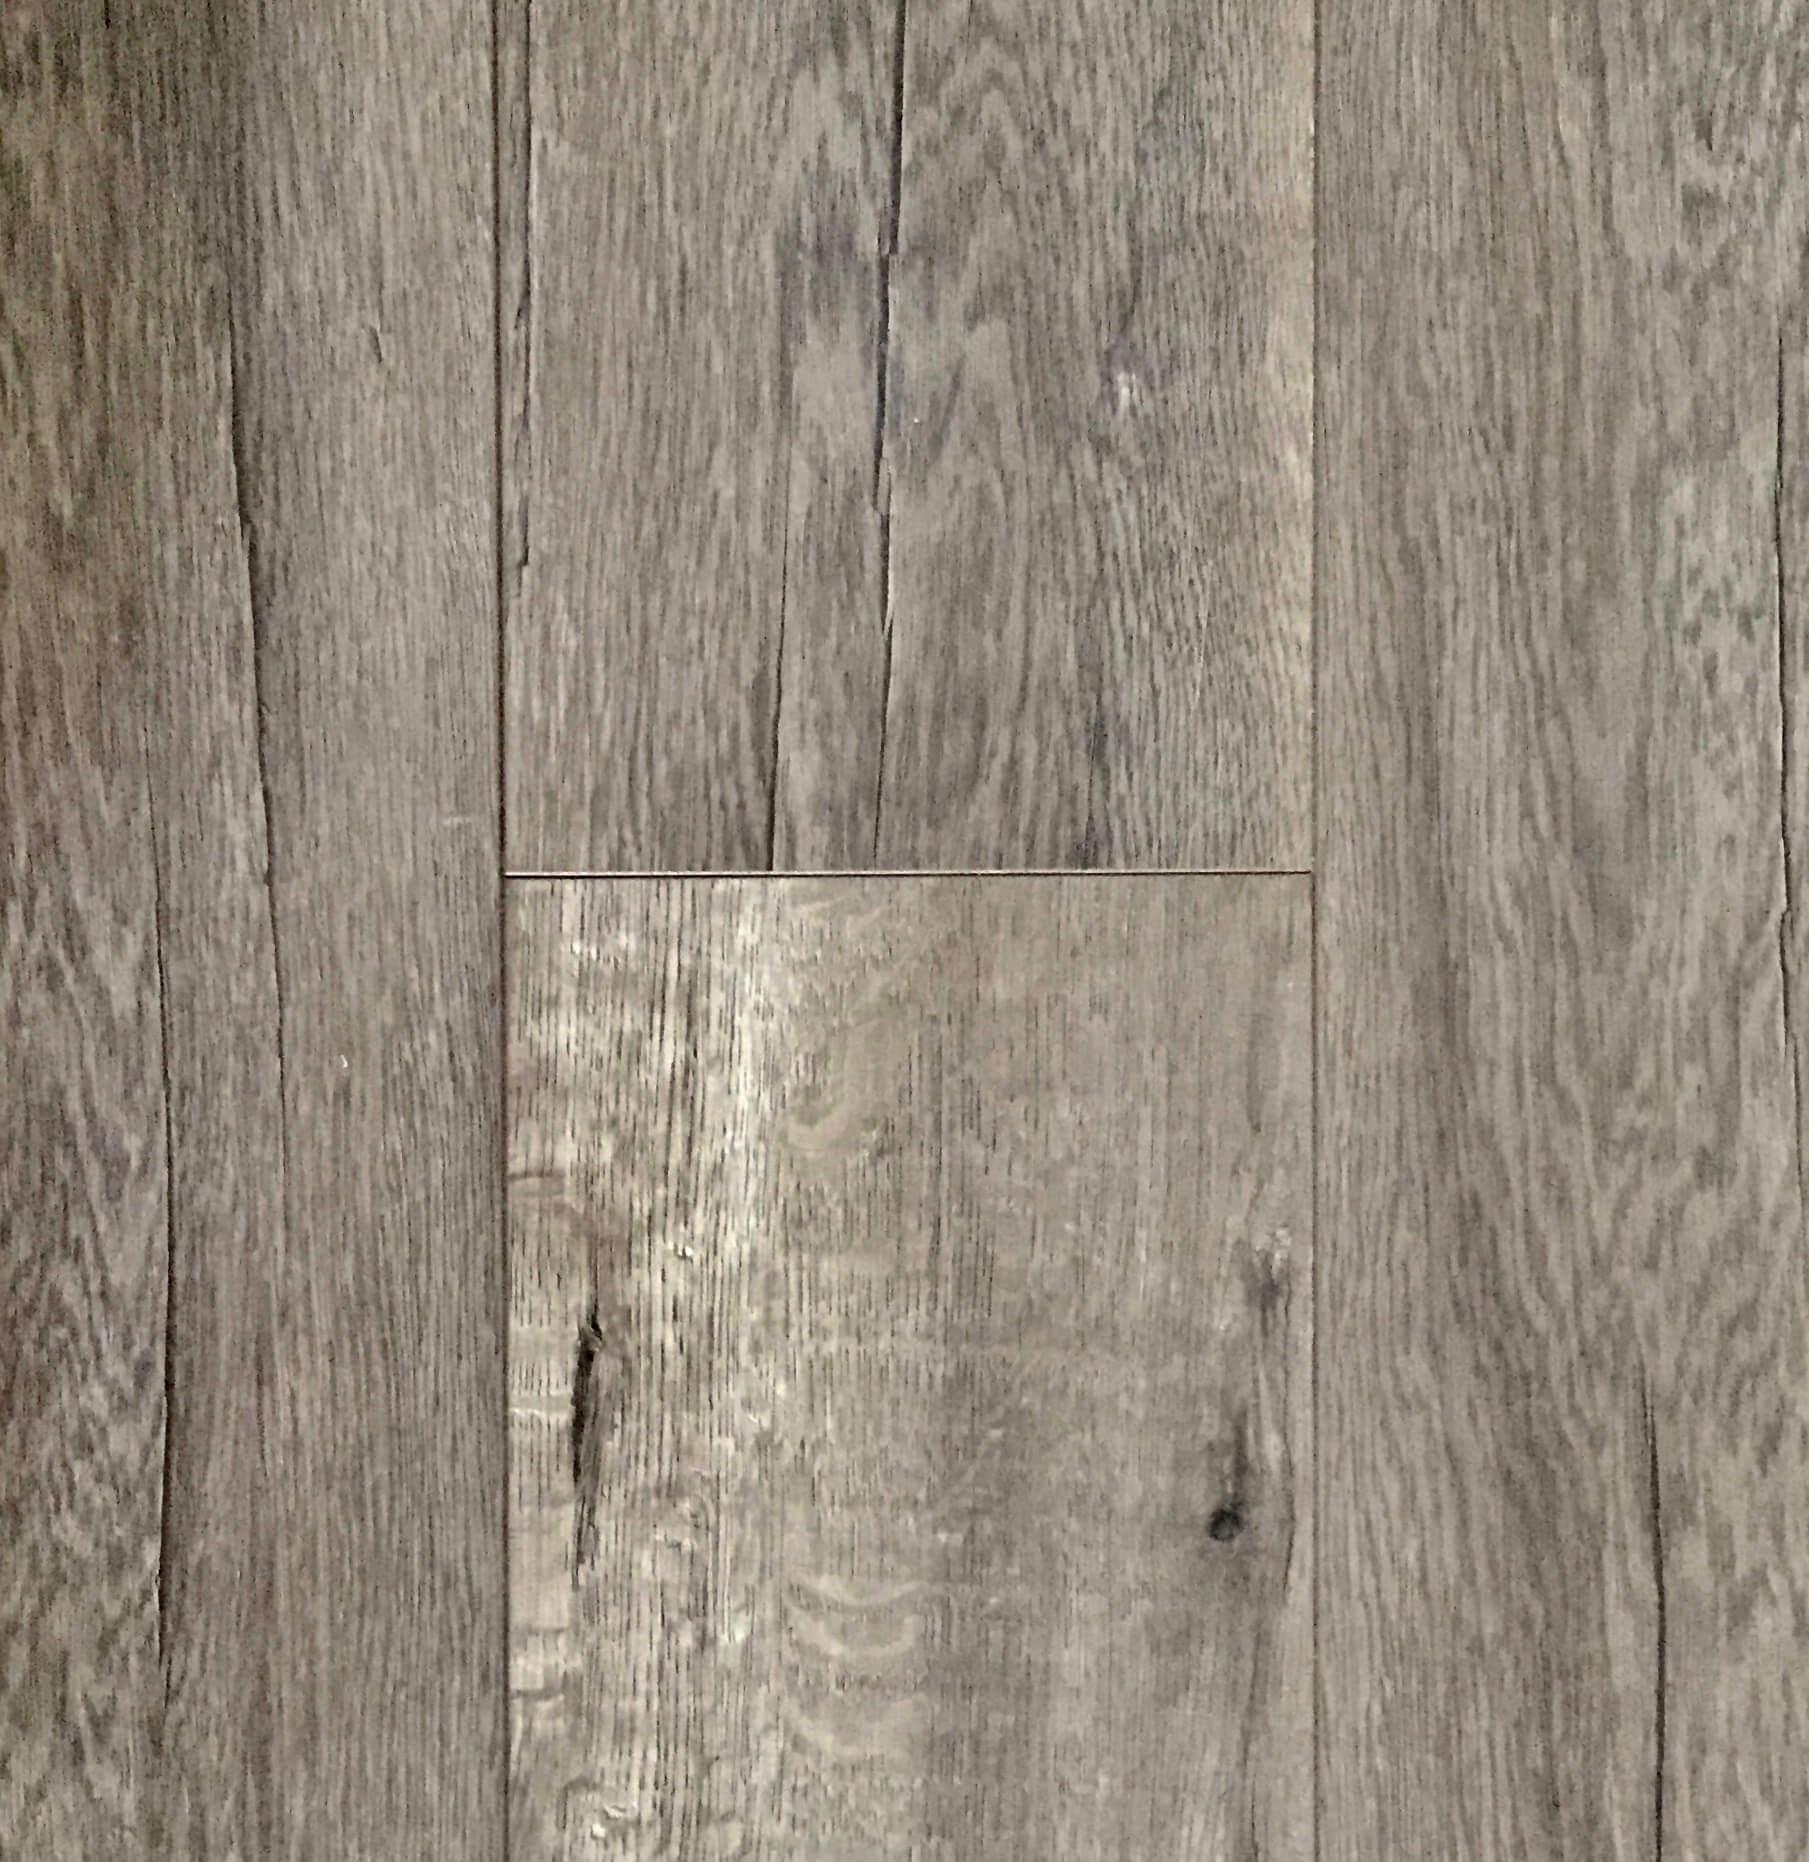 Luxflor 12mm Embossed Vintage Grey Oak Flooring